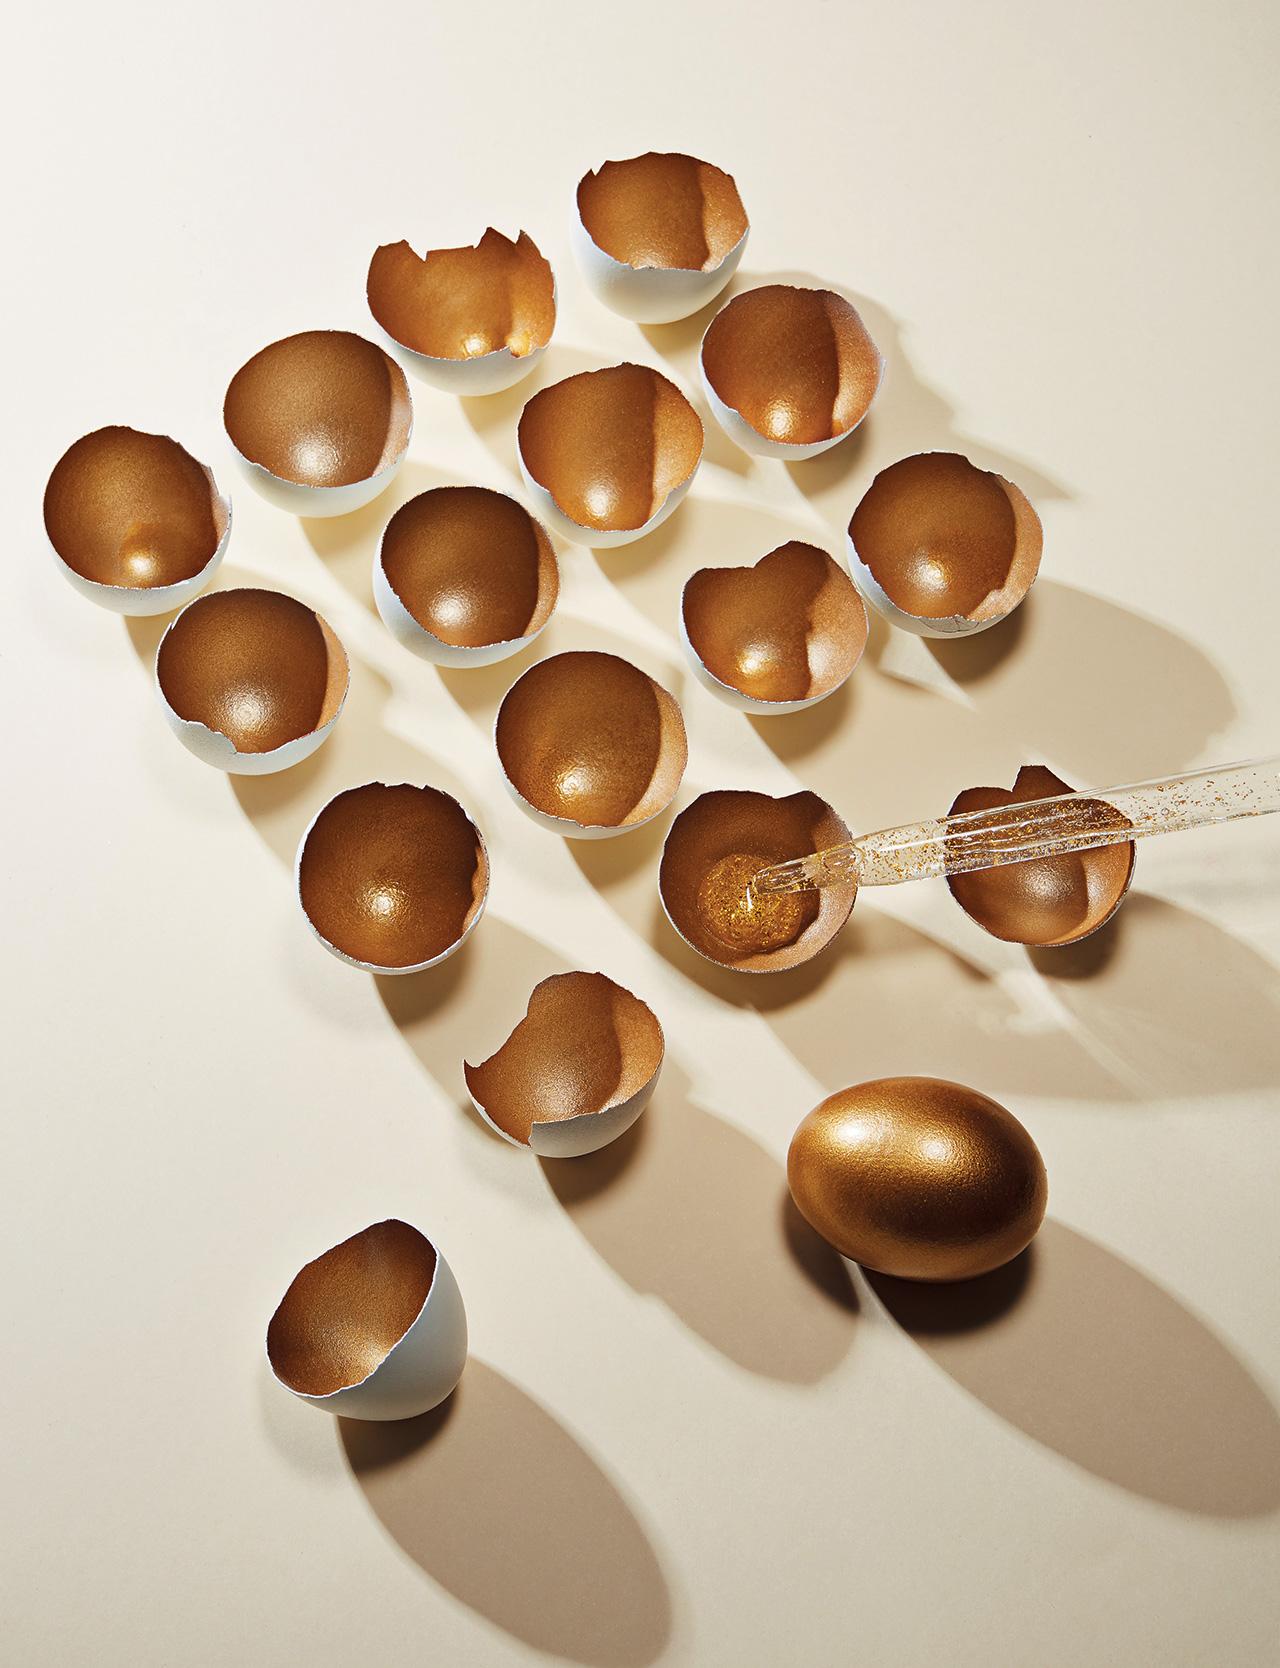 진귀한 원료를 골라 숭고한 과정을 통해 정성스럽게 빗어낸 진정한 하이엔드 뷰티를 만나다.